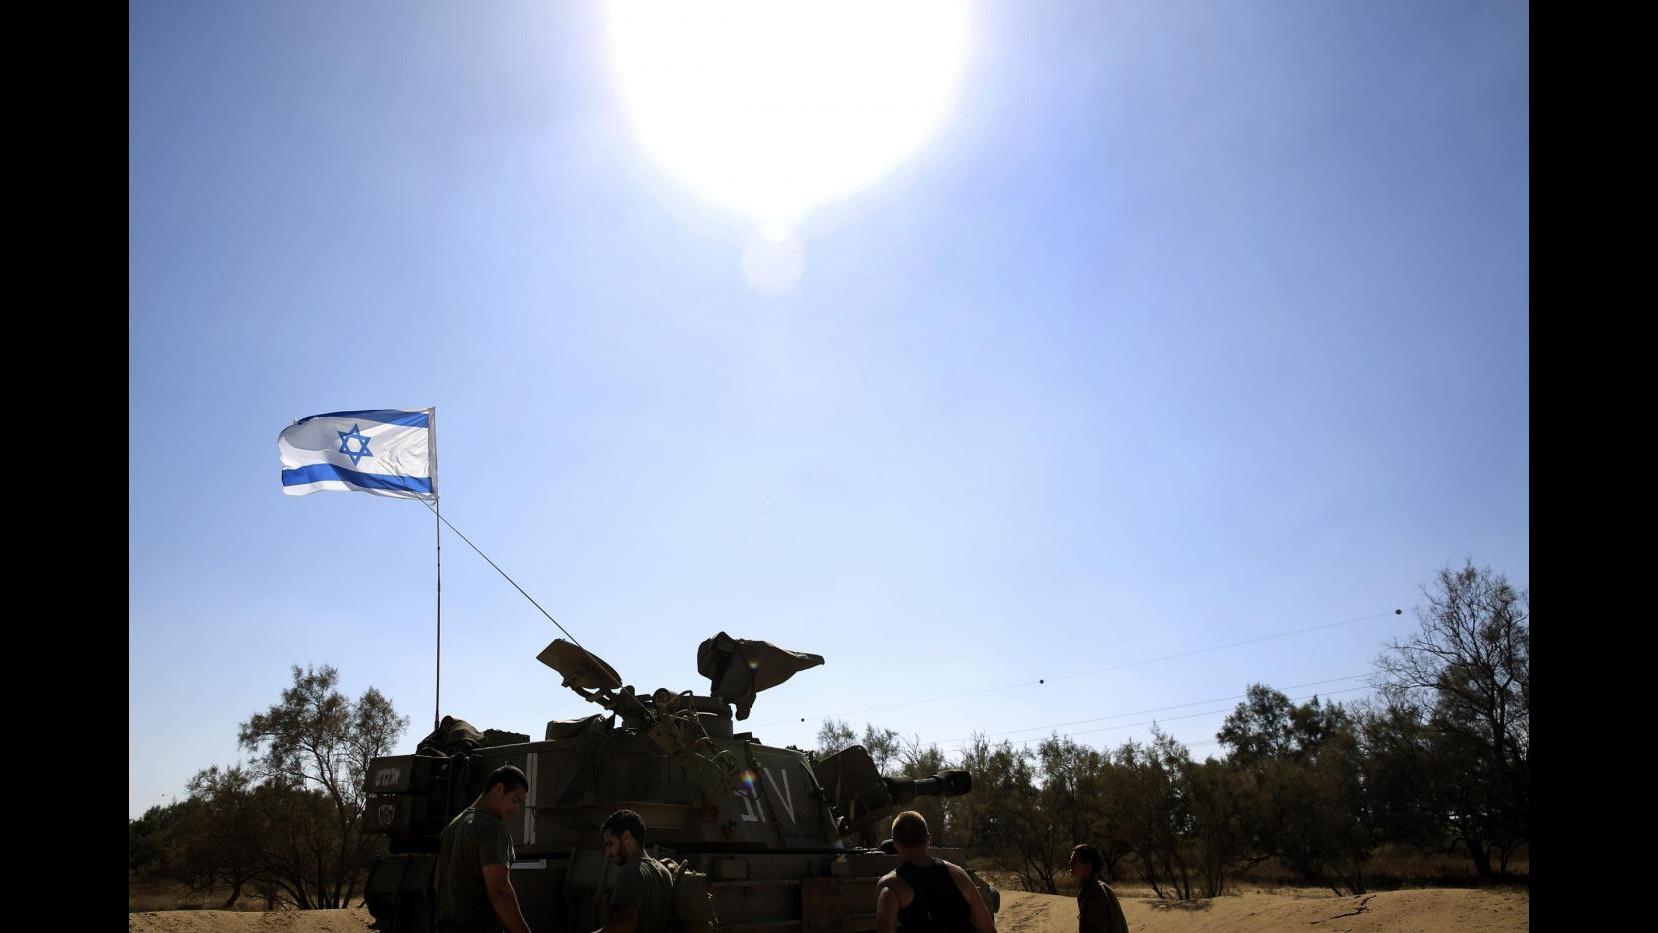 Medioriente, esercito Israele: Sospetto rapimento nostro soldato